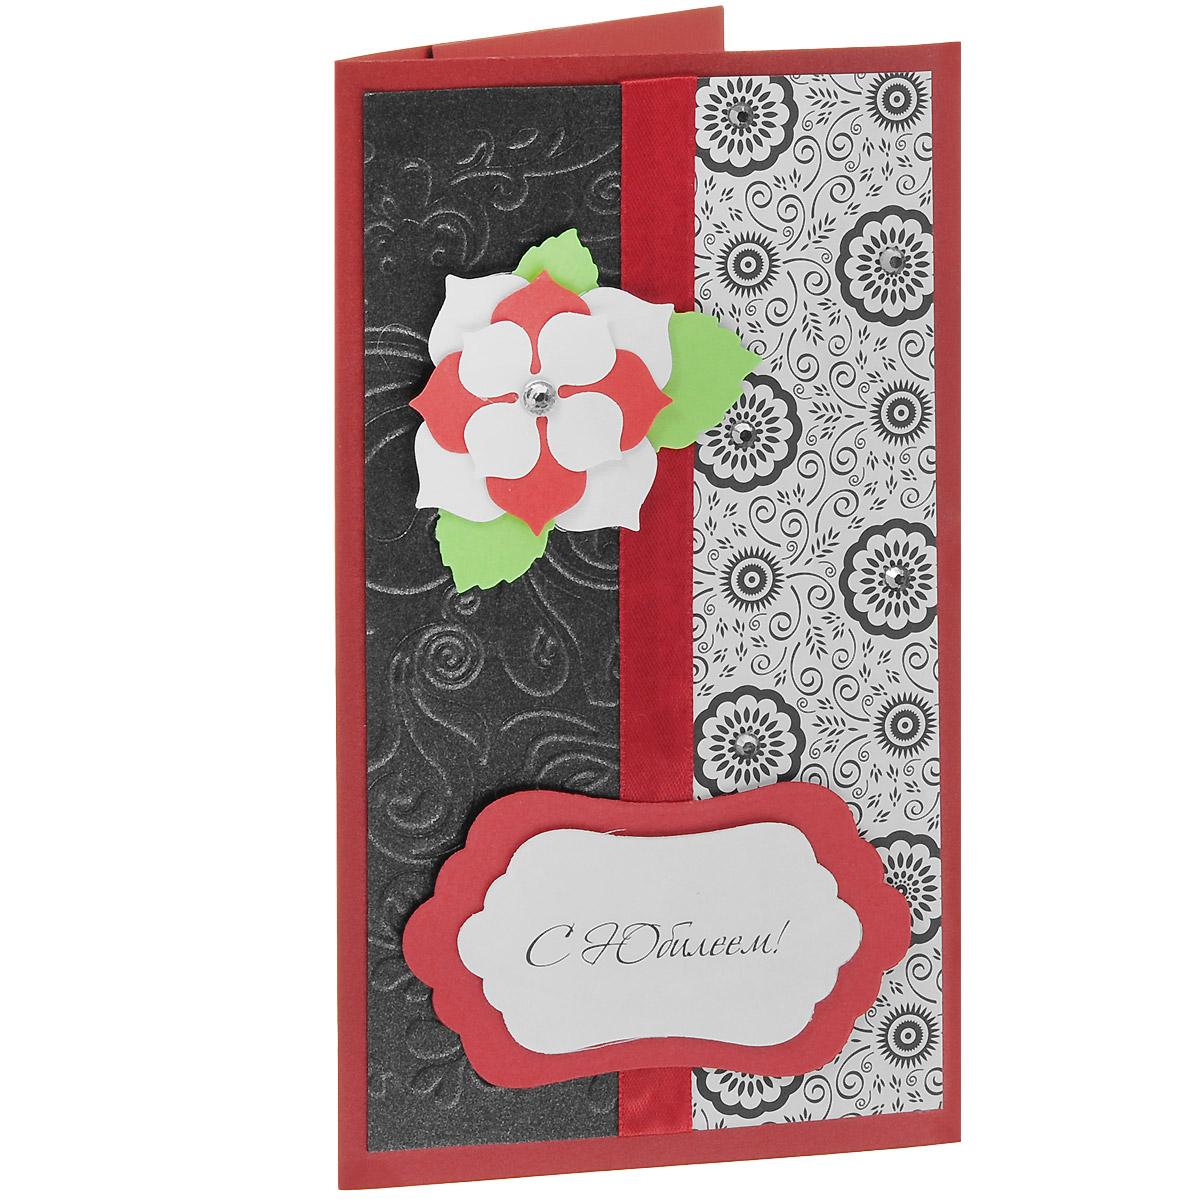 ОЮ-0002 Открытка-конверт «С Юбилеем!». Студия «Тётя Роза»Винтажные открытки №97Характеристики: Размер 19 см x 11 см. Материал: Высоко-художественный картон, бумага, декор. Данная открытка может стать как прекрасным дополнением к вашему подарку, так и самостоятельным подарком. Так как открытка является и конвертом, в который вы можете вложить ваш денежный подарок или просто написать ваши пожелания на вкладыше. Благородное и богатое поздравление к юбилейному событию сочетает в себе разно-фактурные материалы контрастных красно-белых и черных цветов. Сверкающие мелкие стразы эффектно дополняют роскошный стиль этого конверта. Также открытка упакована в пакетик для сохранности. Обращаем Ваше внимание на то, что открытка может незначительно отличаться от представленной на фото.